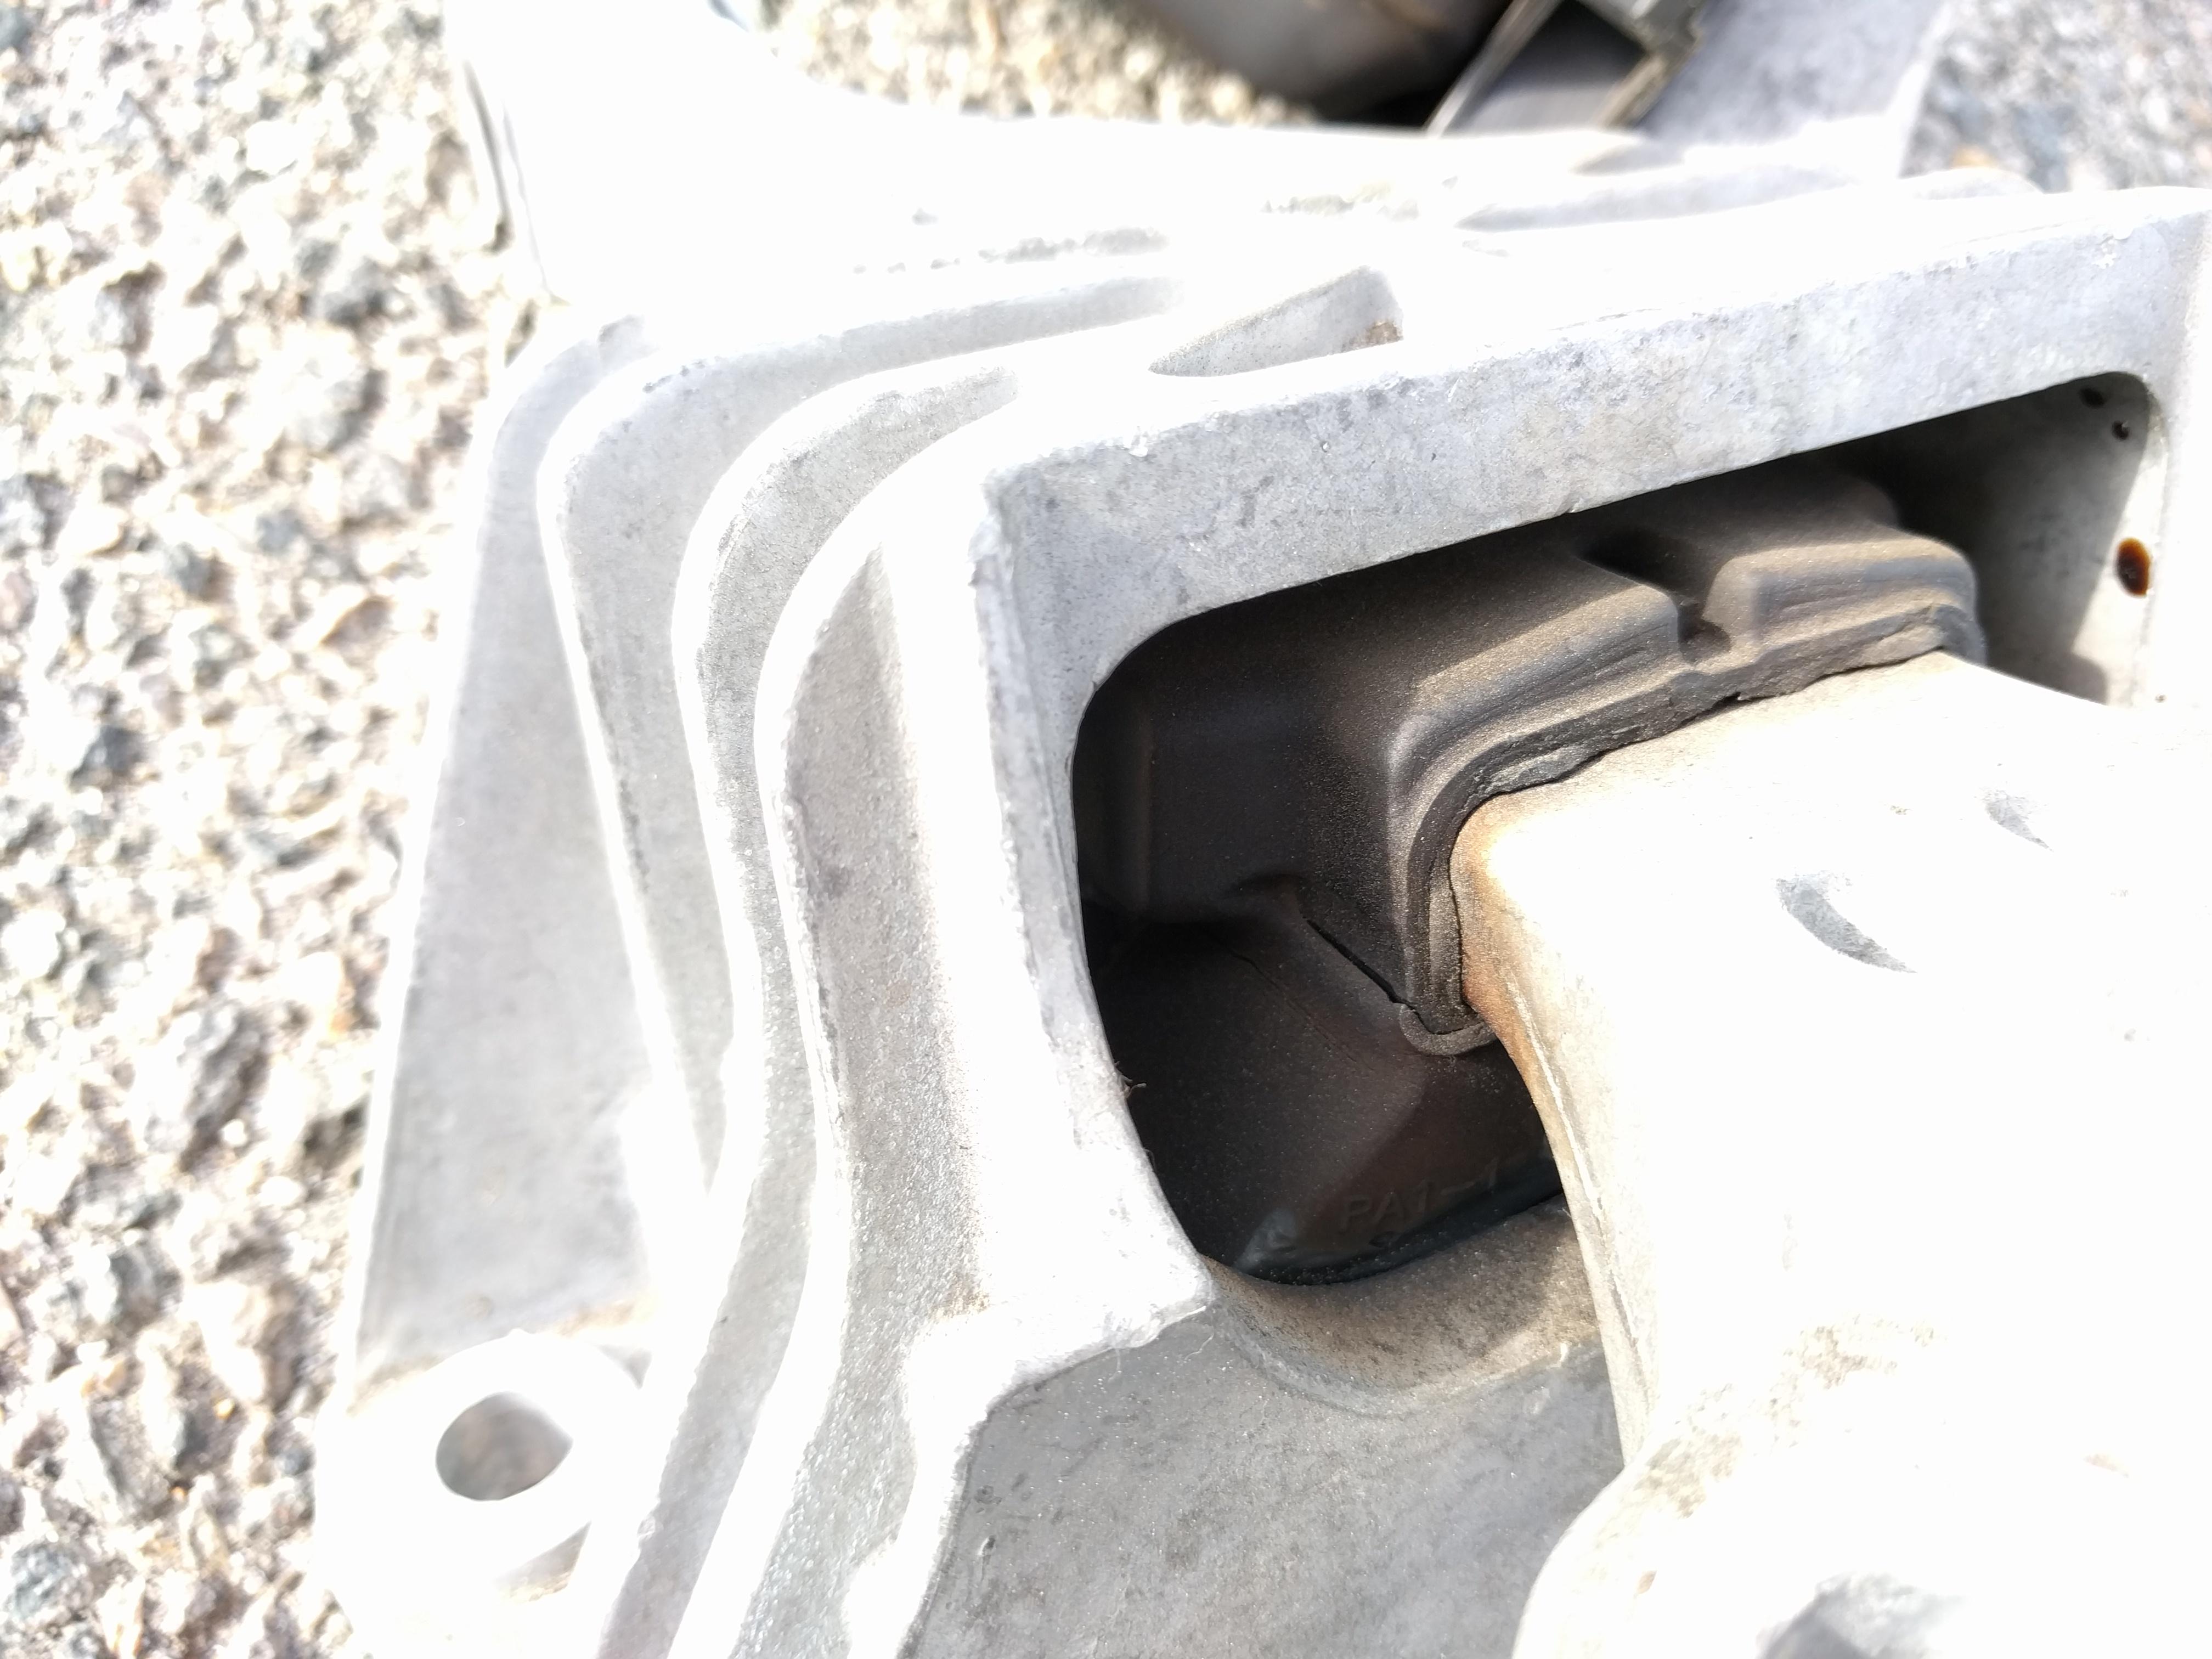 for dodge nissan used ford desej engine best remarkable vehicles dothan cars s us dealership in py al image bondy sale images